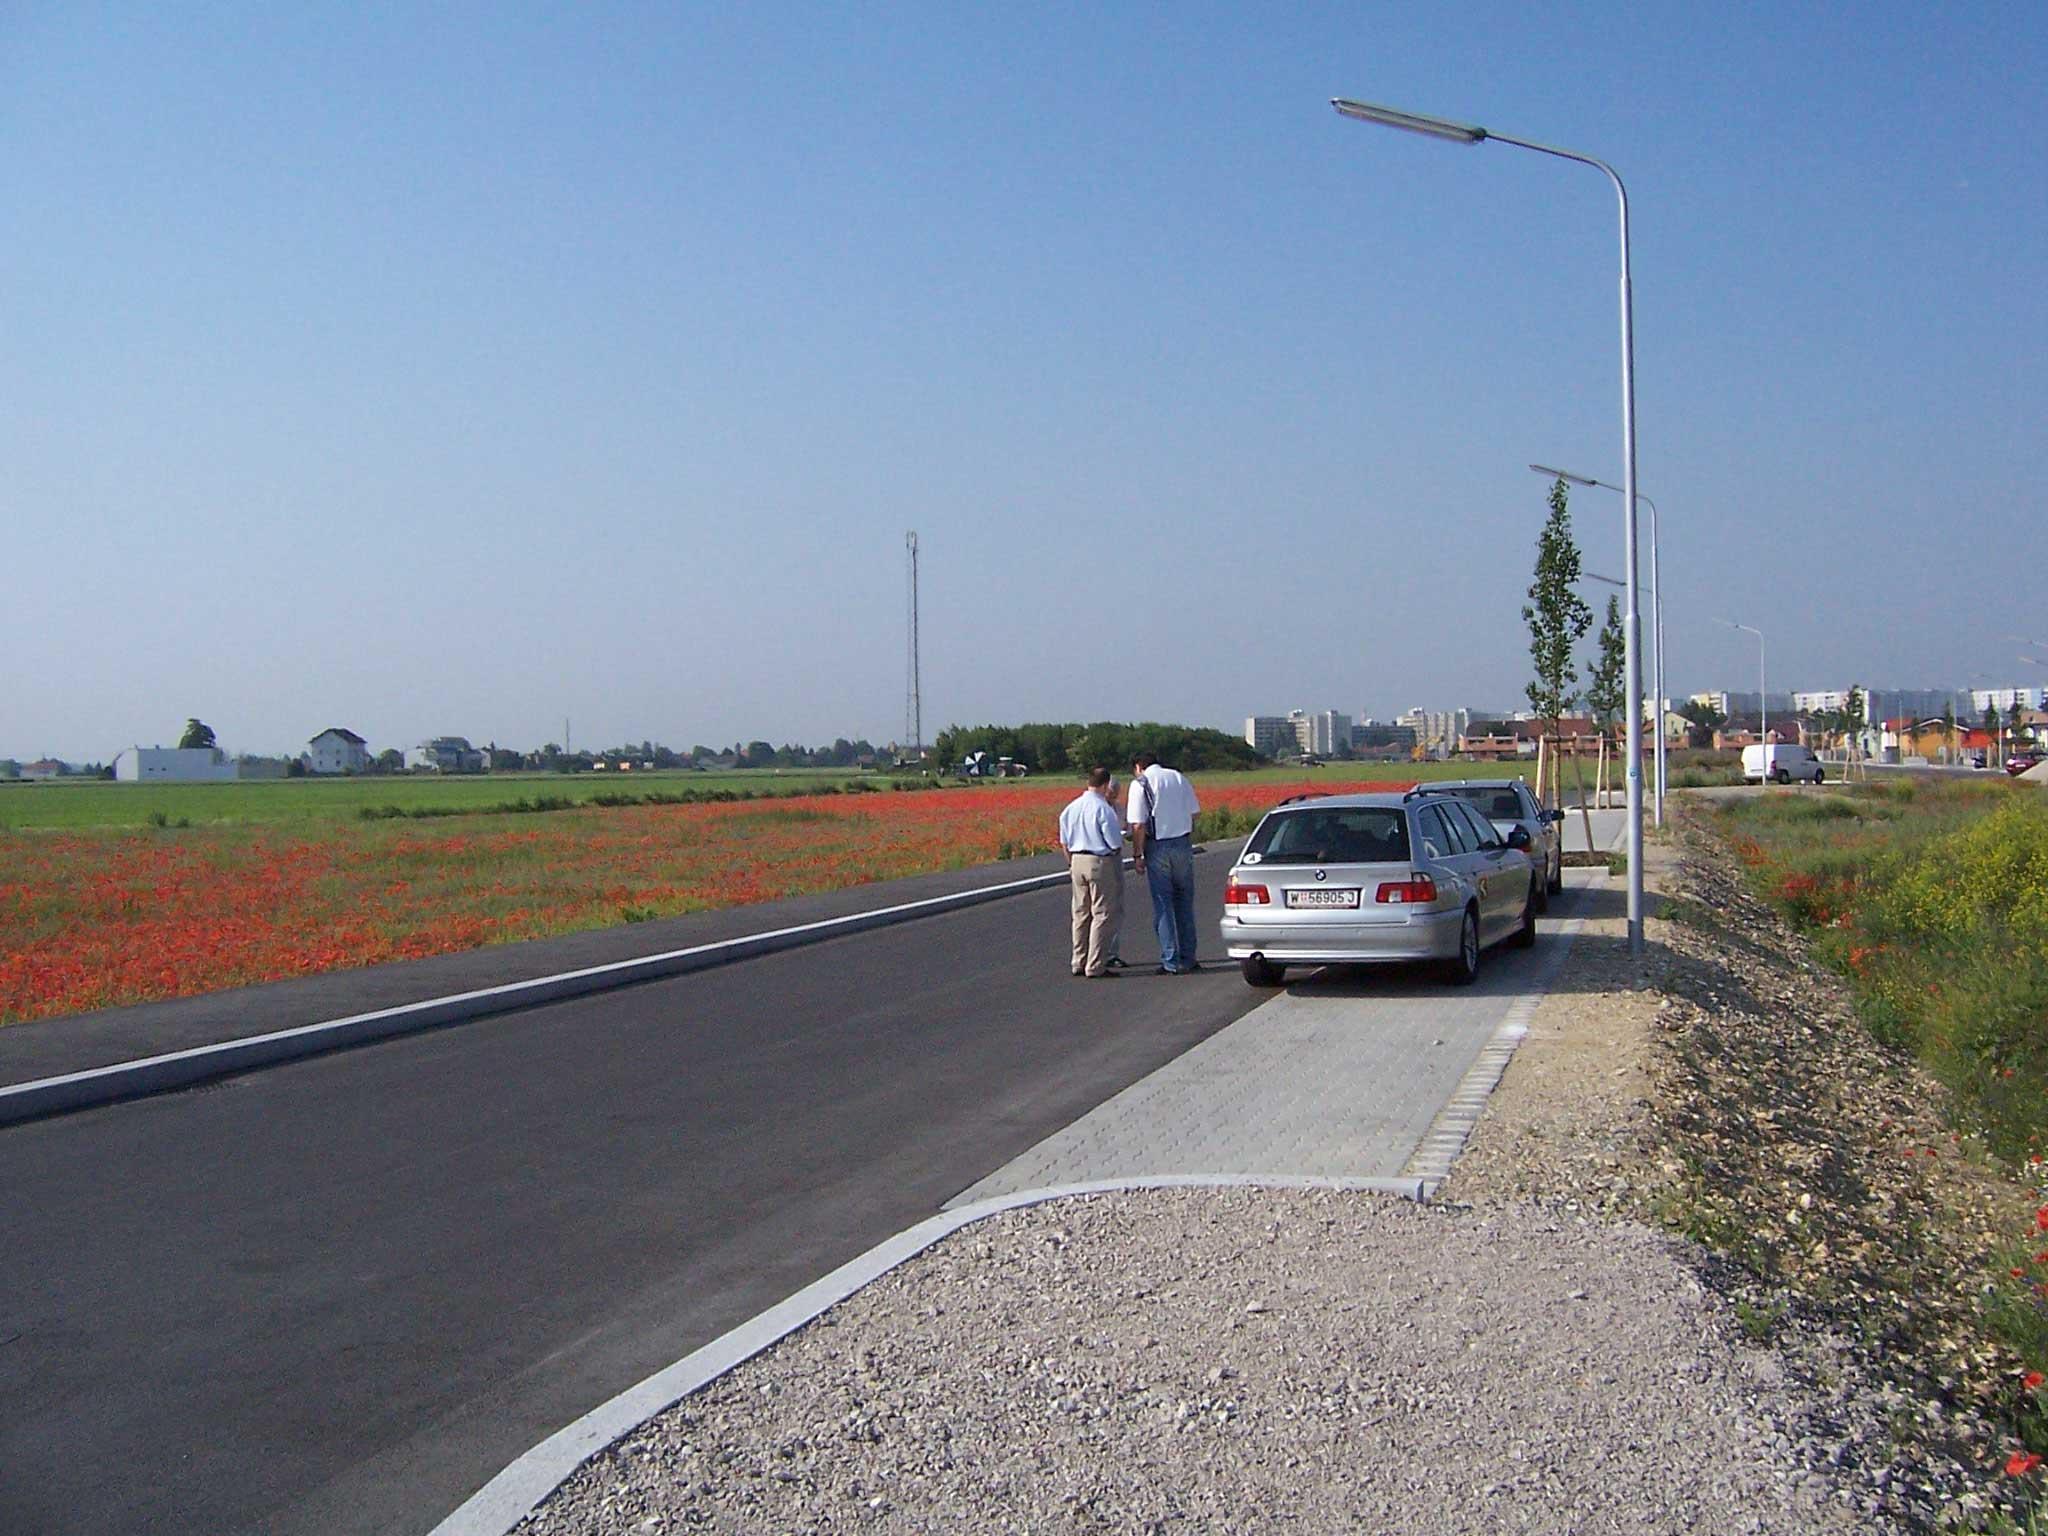 03-Ecke-Pichlgasse-Richtung-SW,-Umgebung